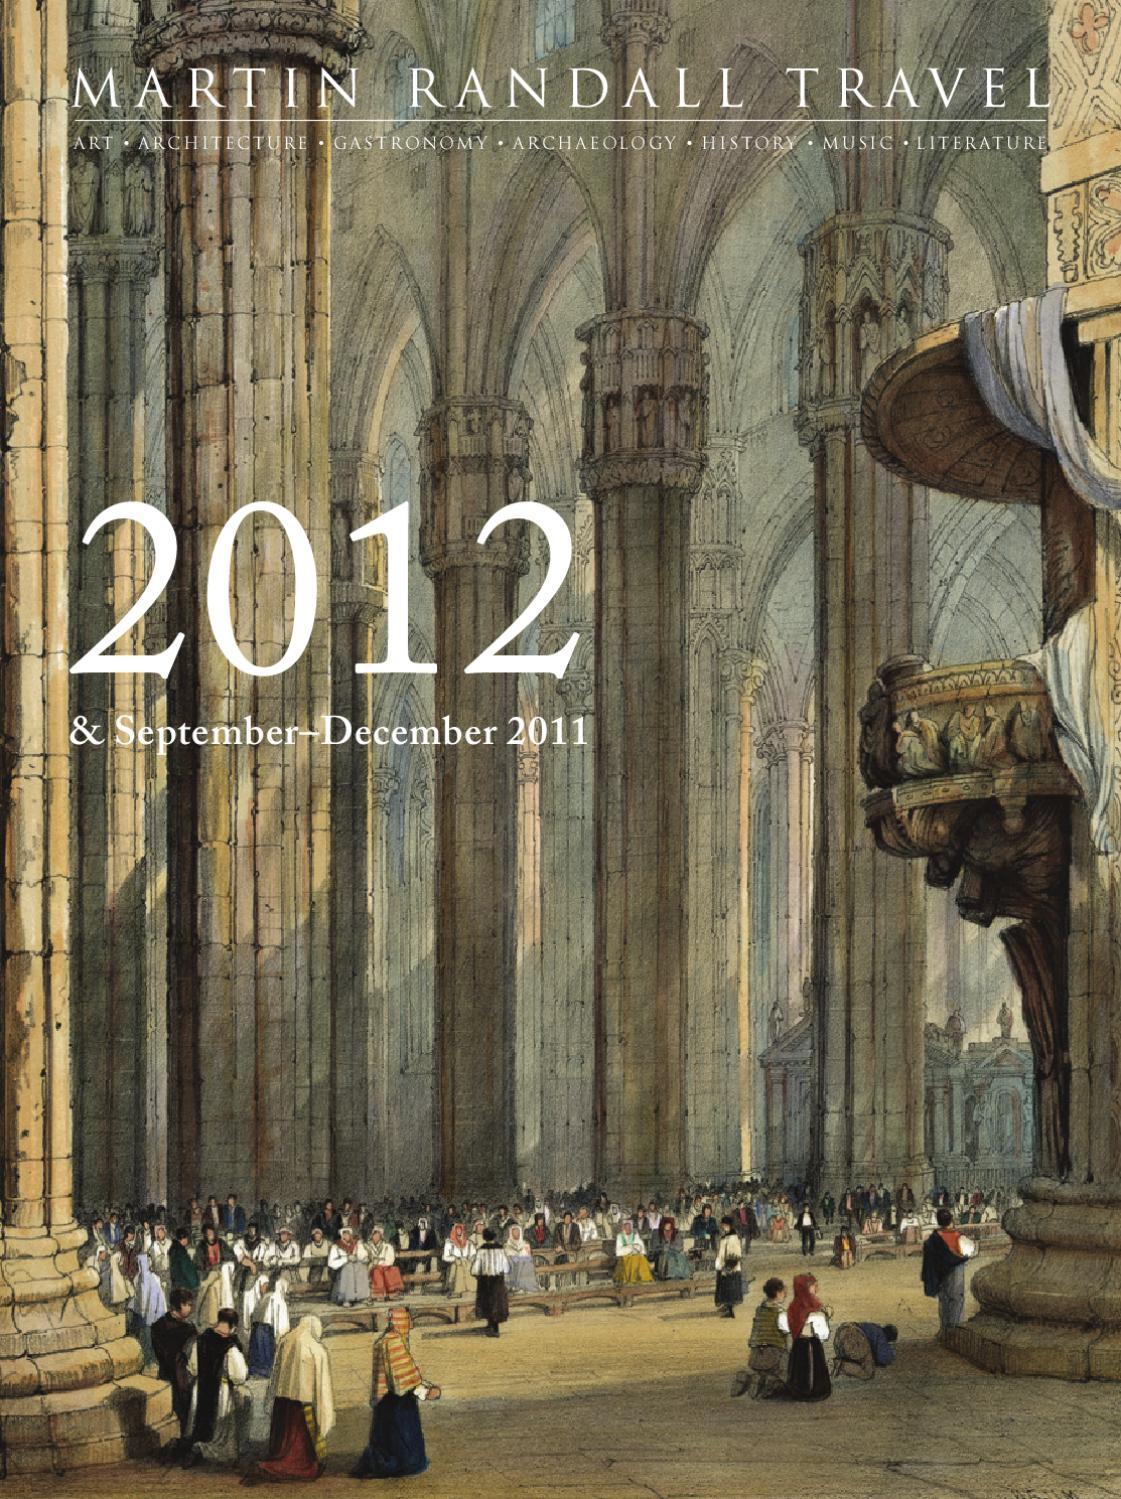 Beatrice D Avignon Avis martin randall travel, 2012martin randall travel - issuu